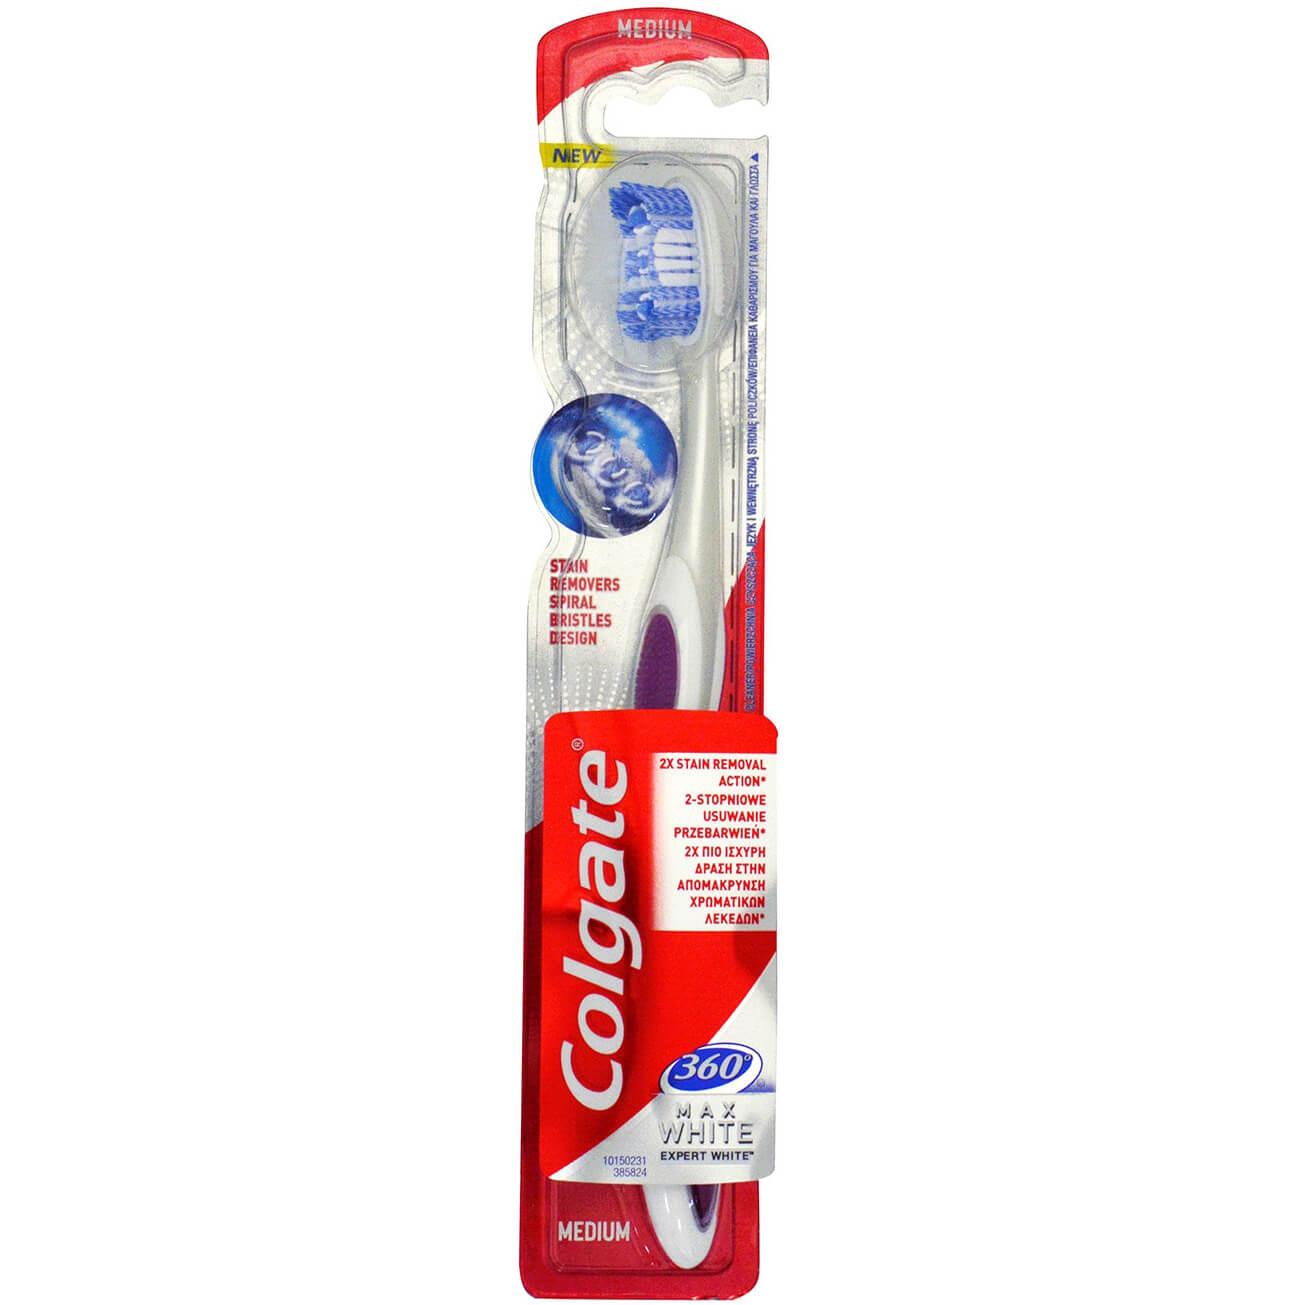 Colgate 360 Max White Medium Οδοντόβουρτσα για Ολοκληρωμένο Καθαρισμό Στόματος & Λεύκανση με Μοναδικές Ίνες Γυαλίσματος 1Τεμάχιο – μωβ